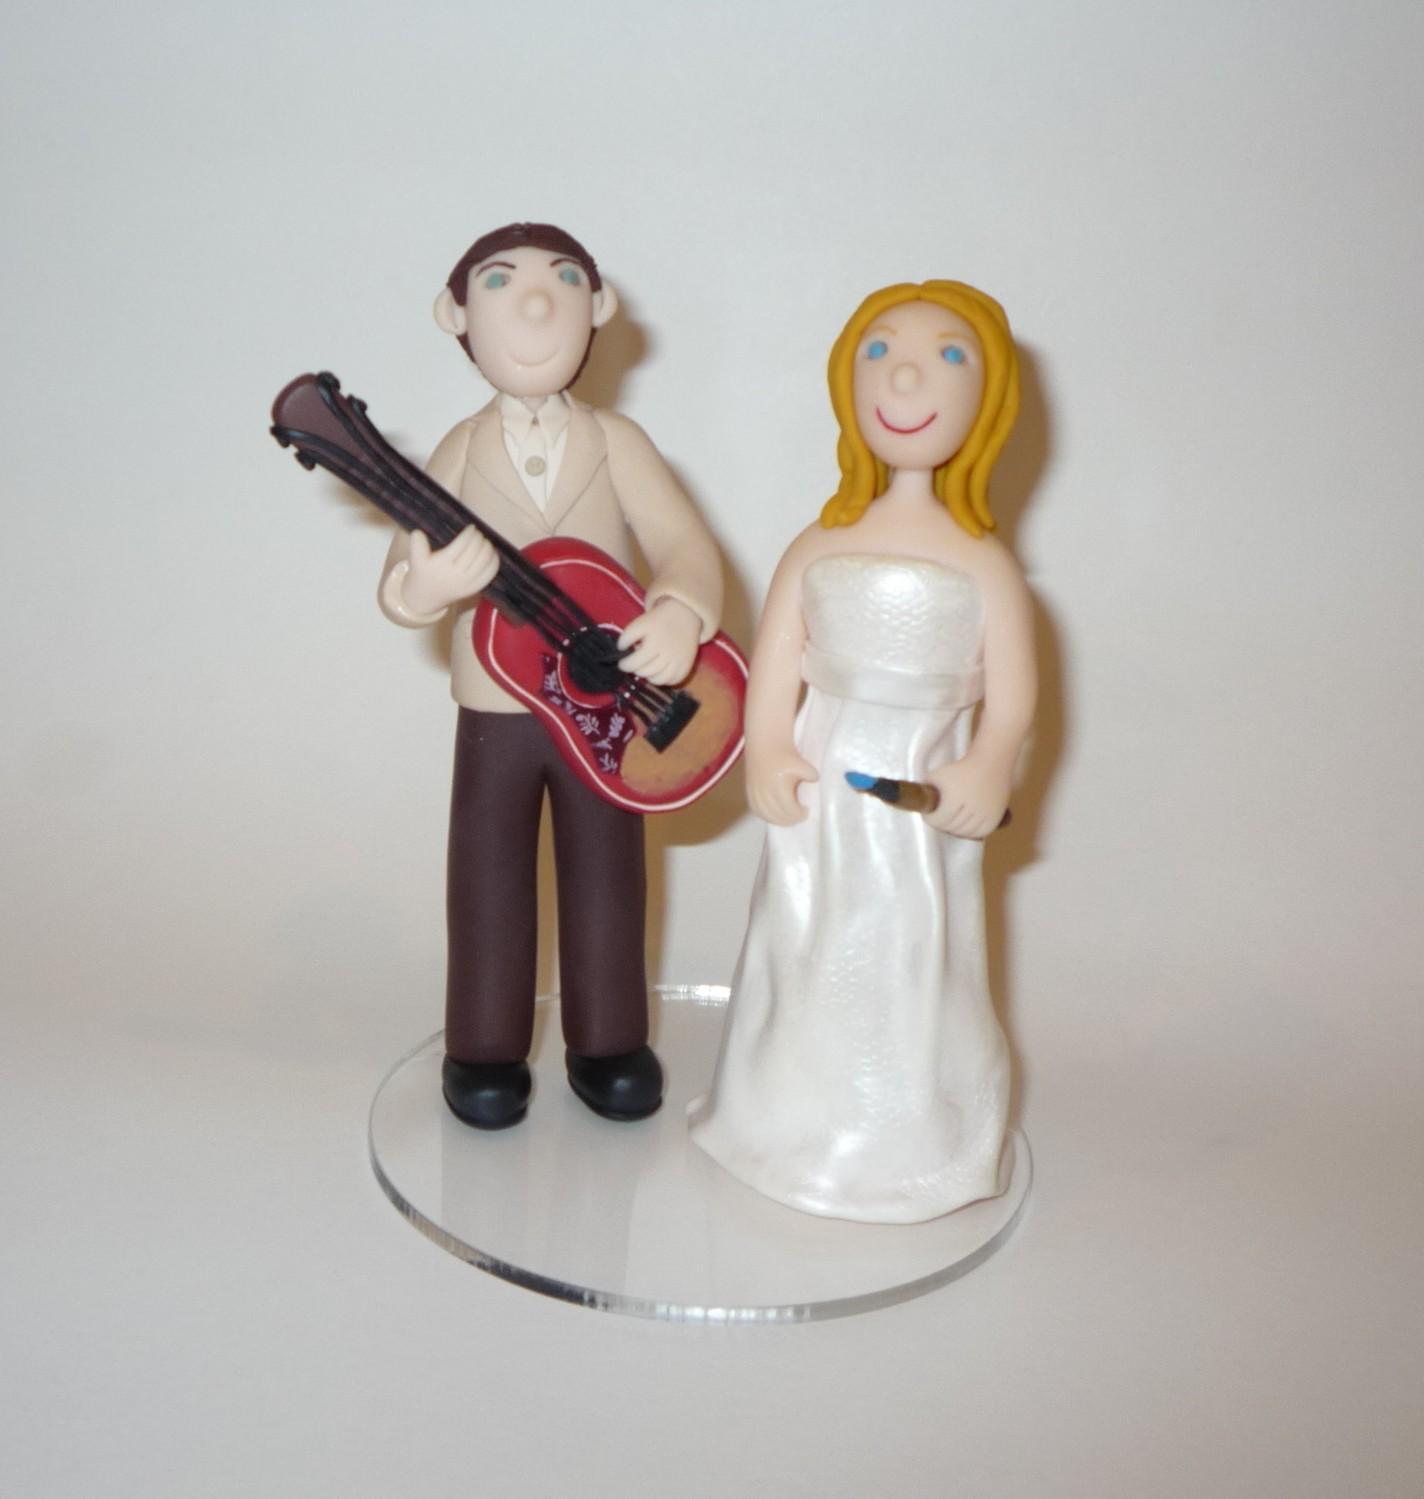 Wedding cake topper - custom